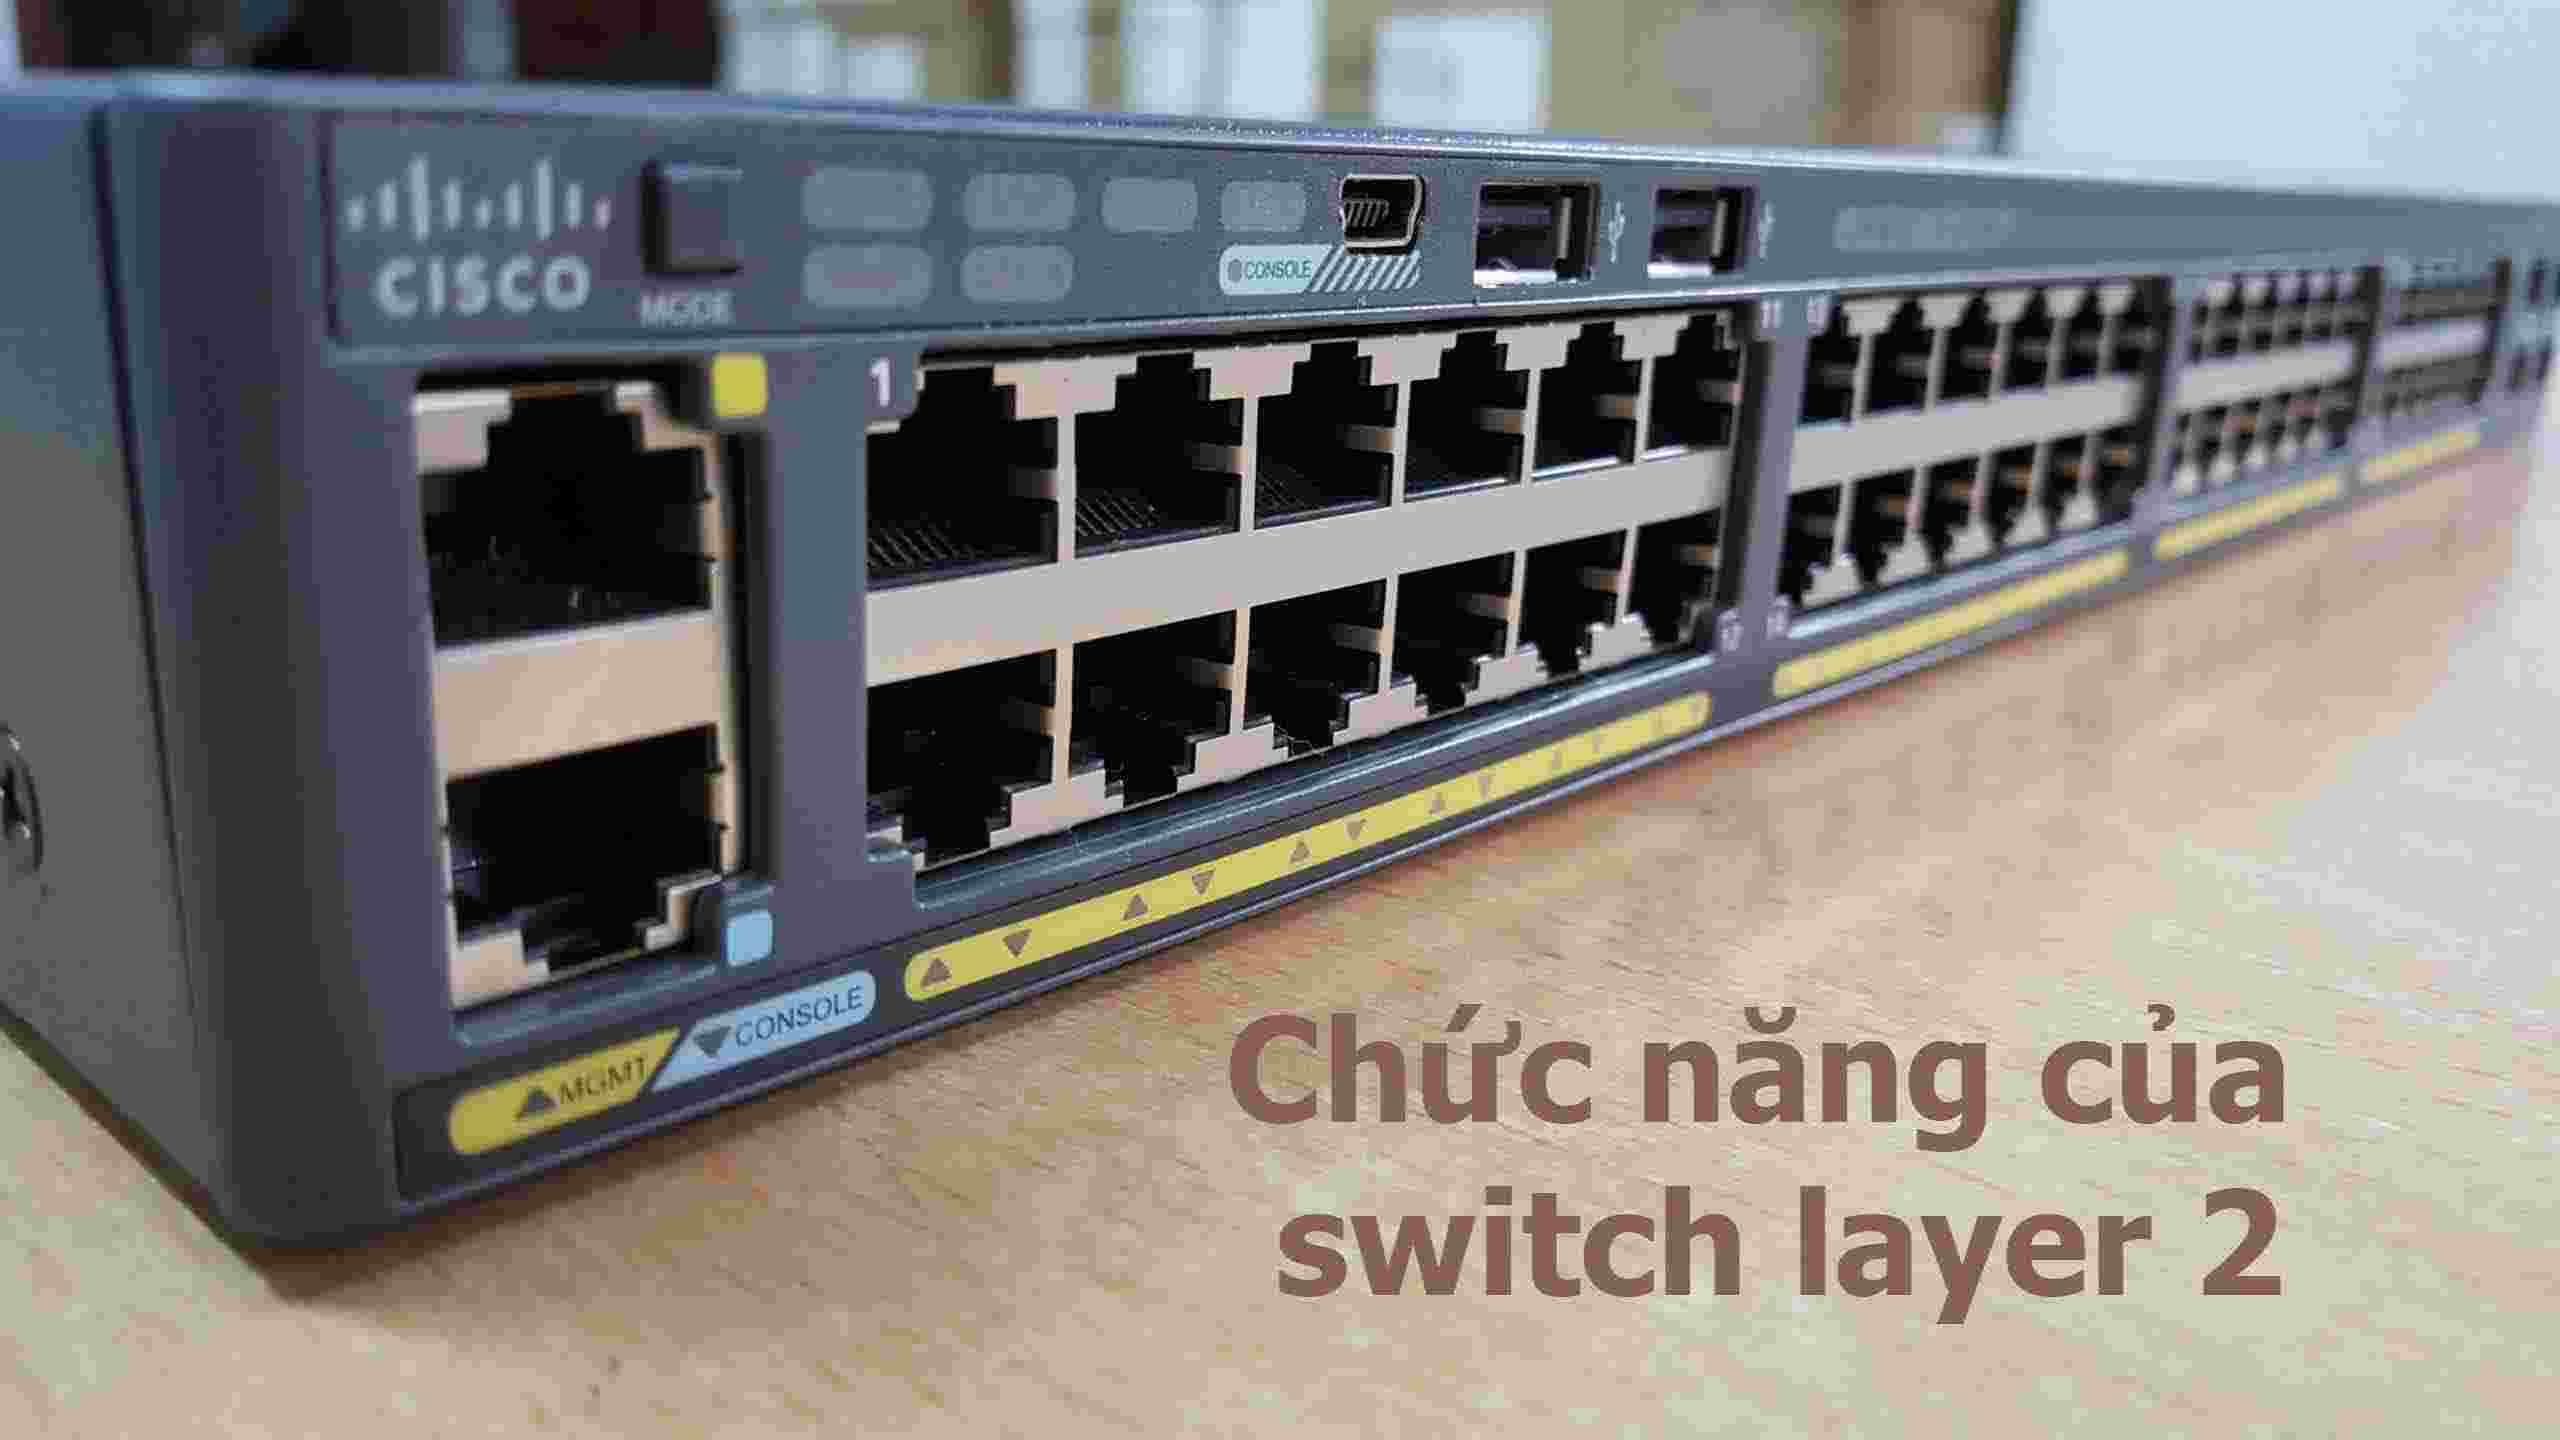 chức năng của switch layer 2